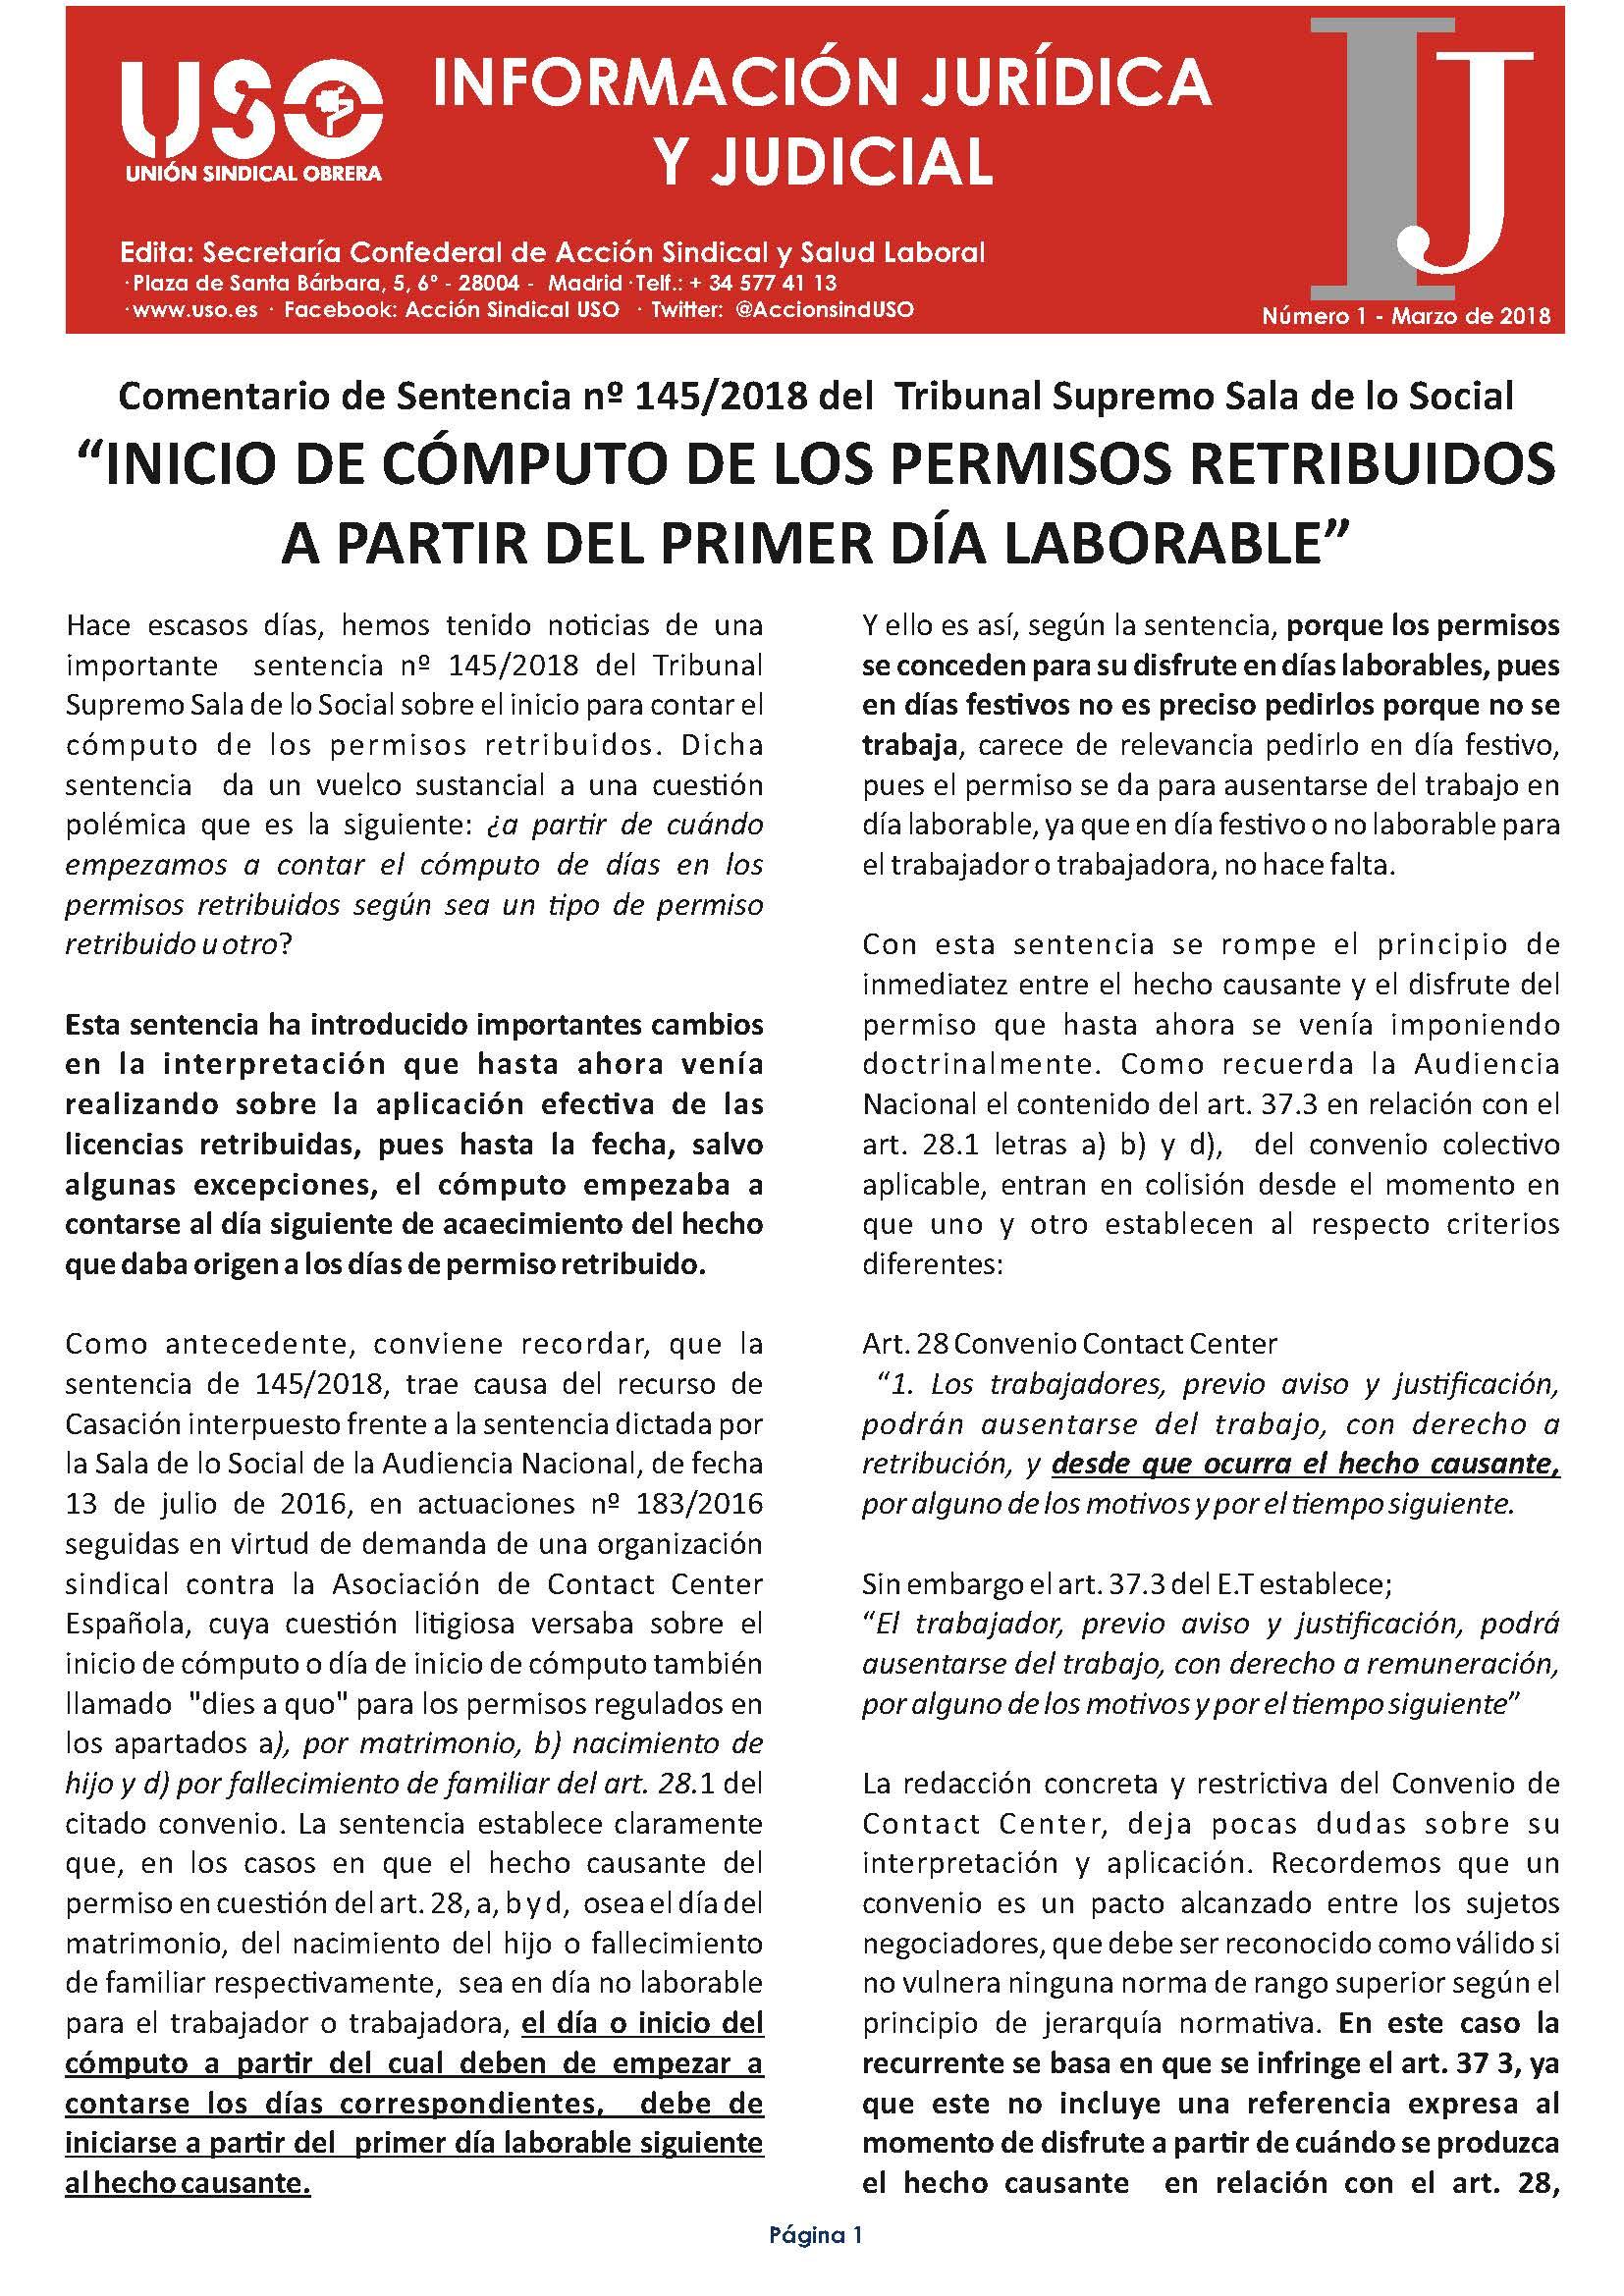 Información Jurídica y Judicial nº 1